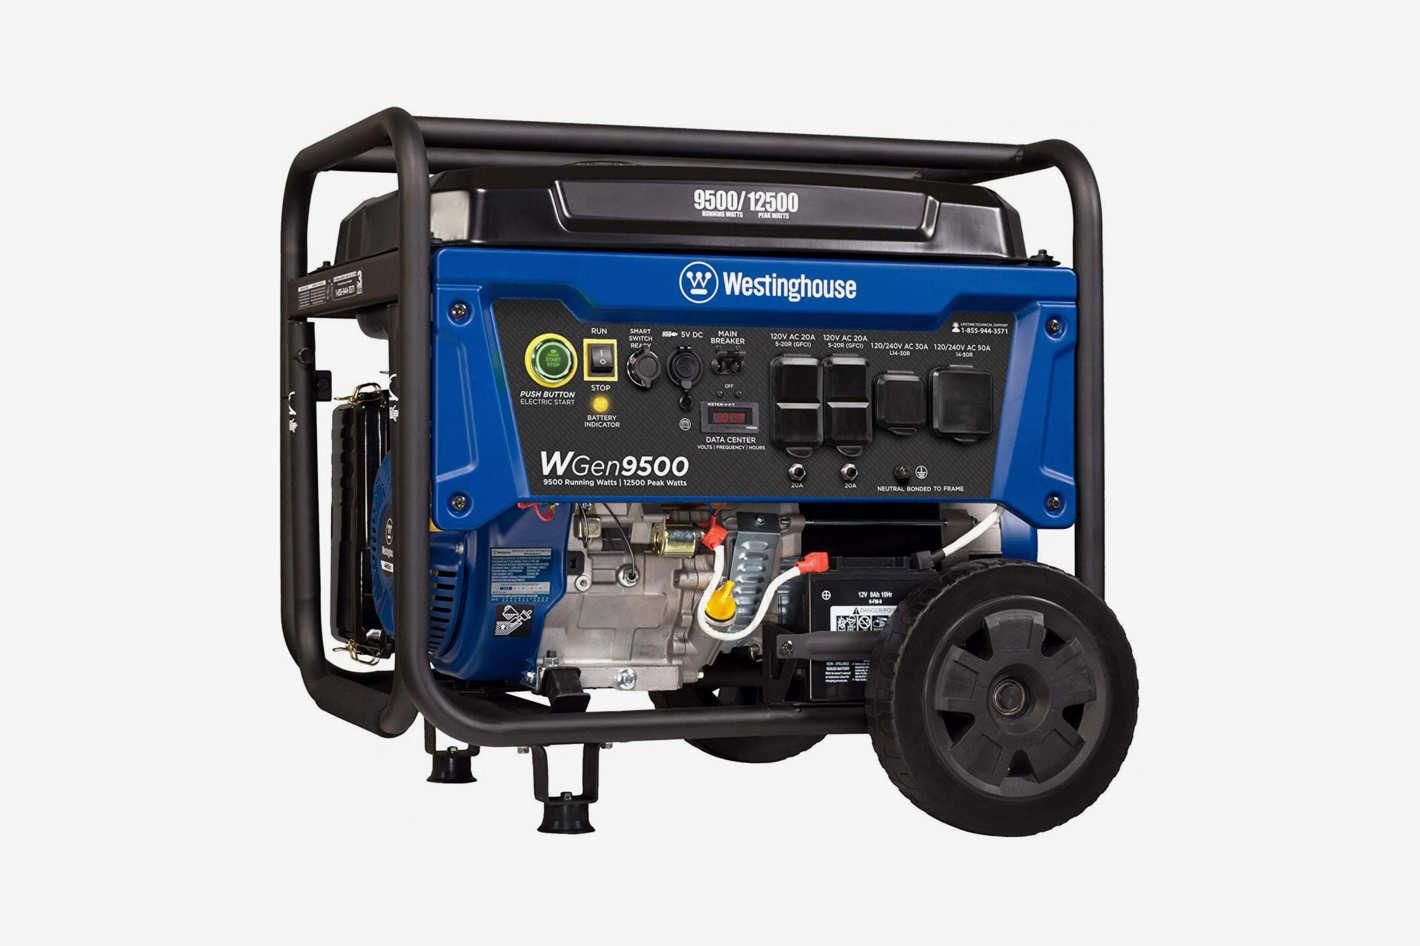 Westinghouse WGen9500 Portable Generator